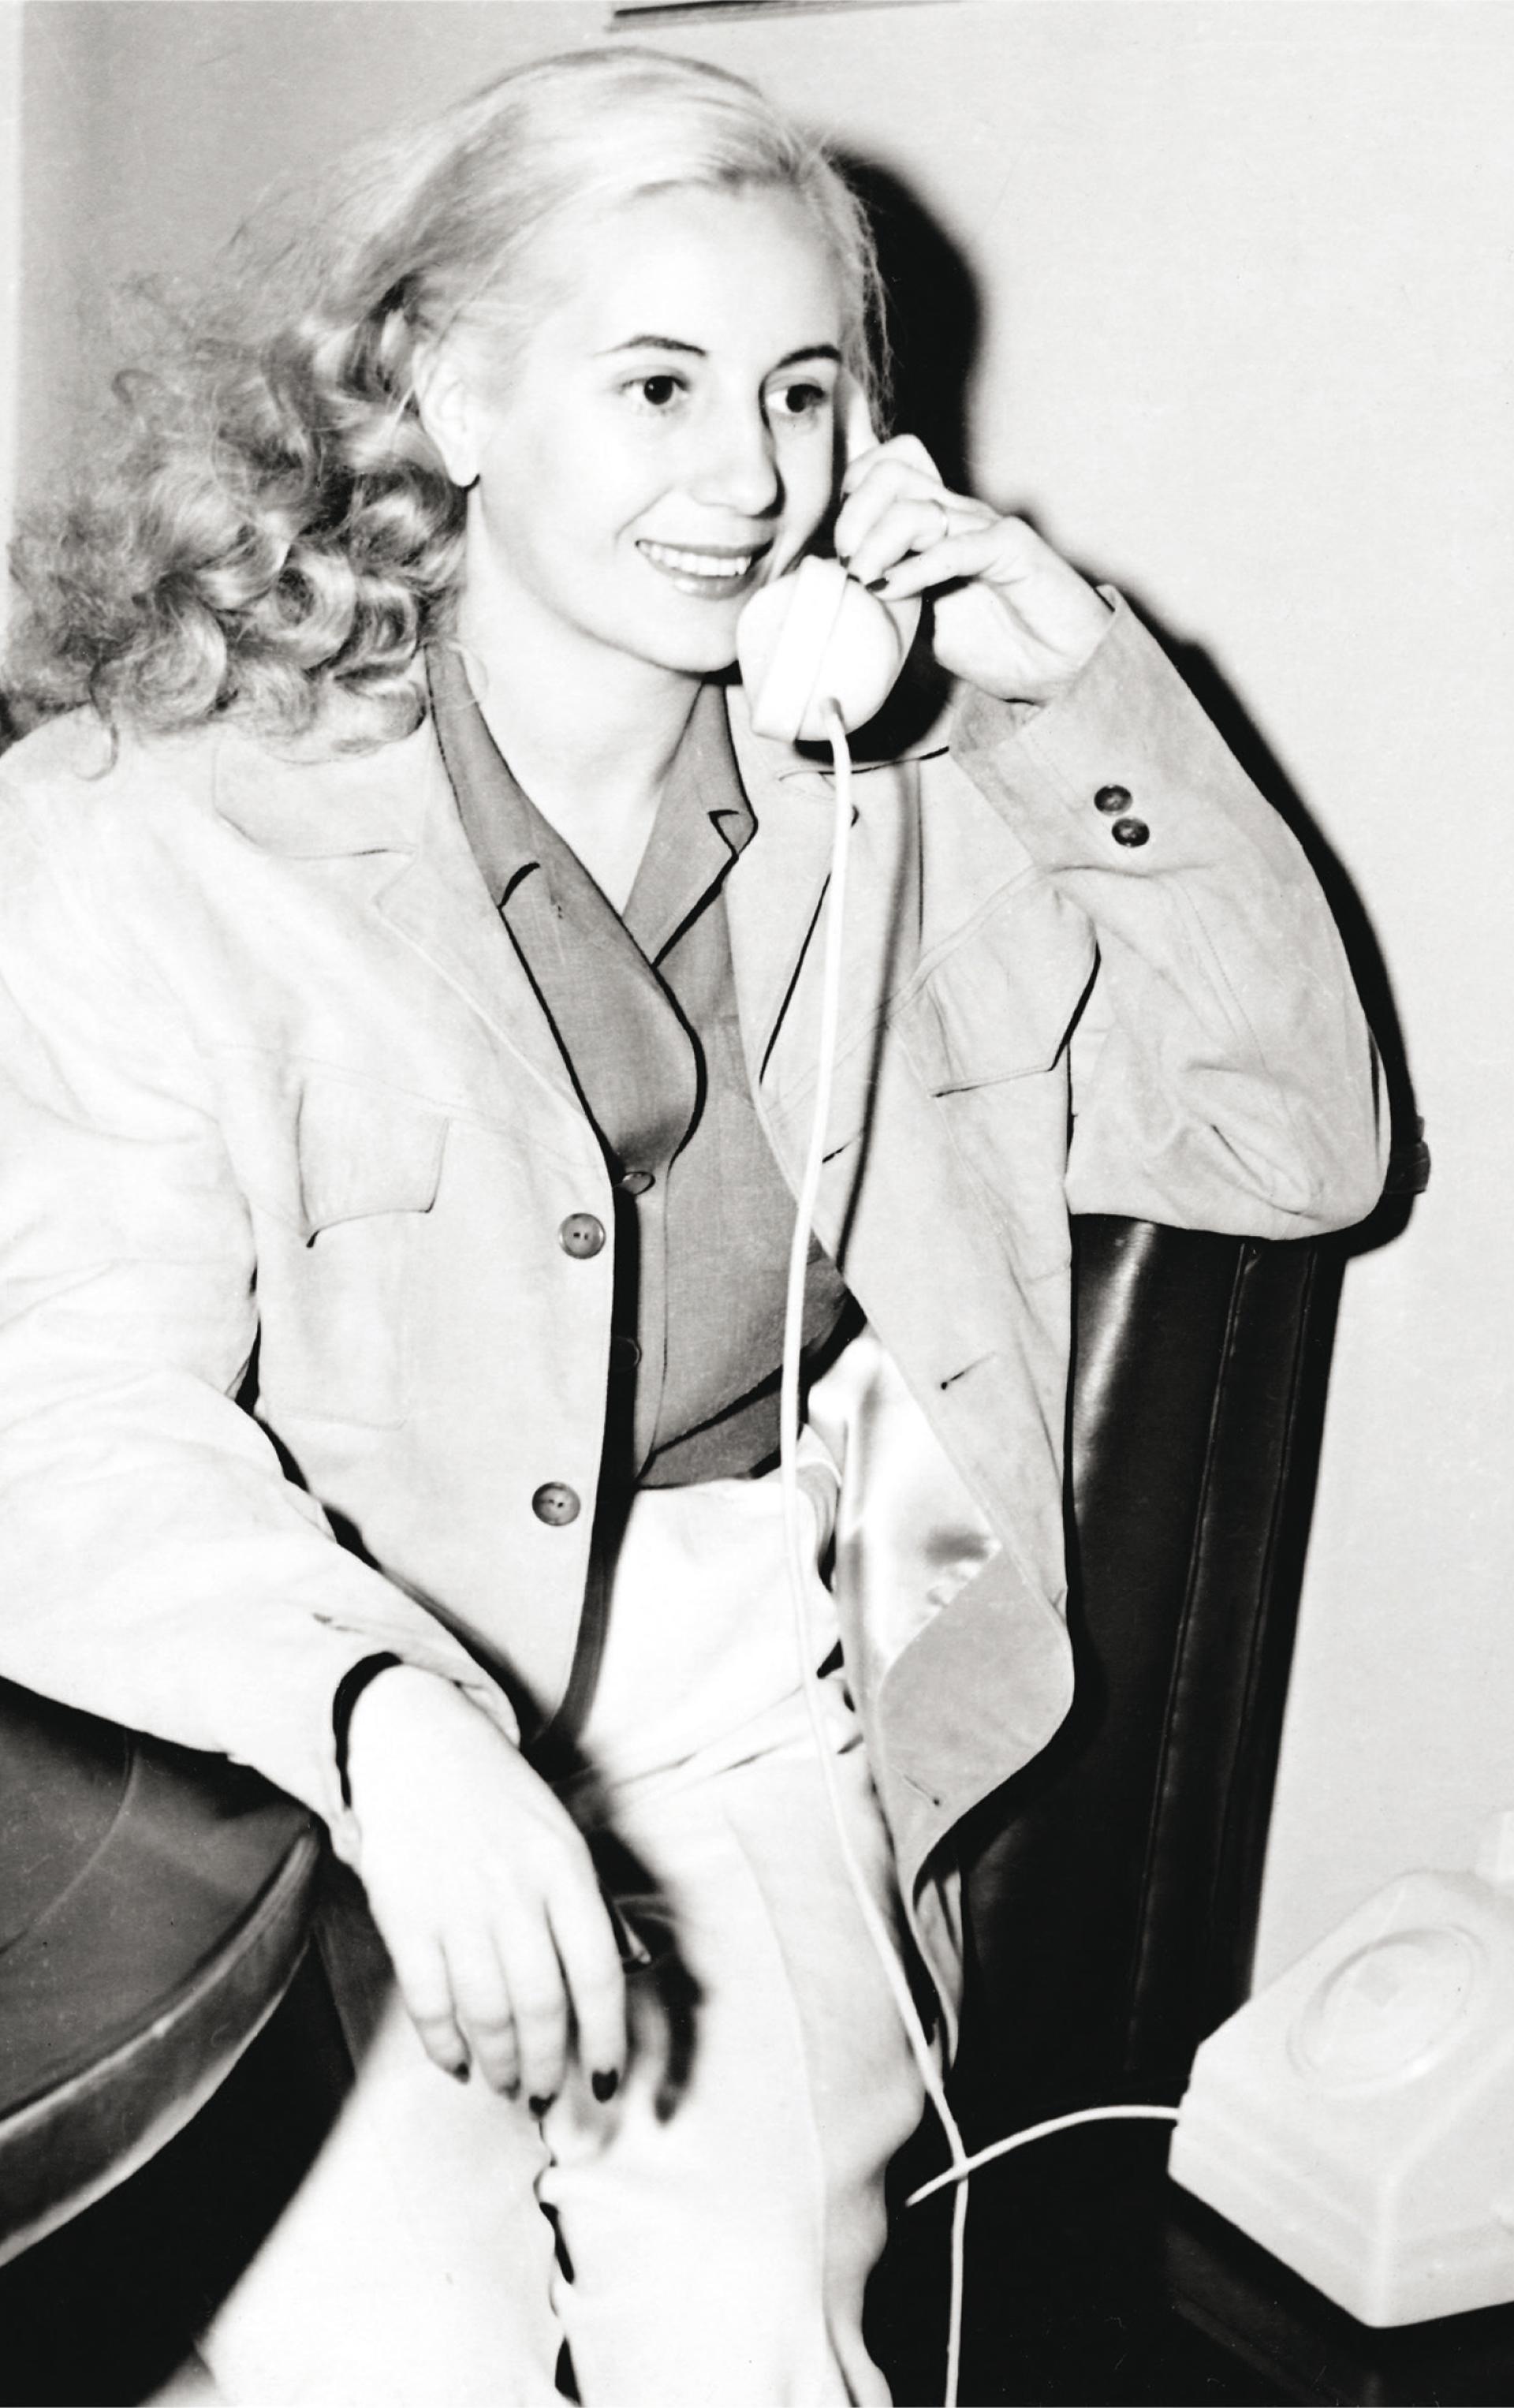 A fines de 1948, Fusco pasó una tarde en la quinta de San Vicente con Perón y Evita. Algunas de esas fotos son bastante conocidas. Evita posa con su perro, en el piano y aquí atendiendo el teléfono.